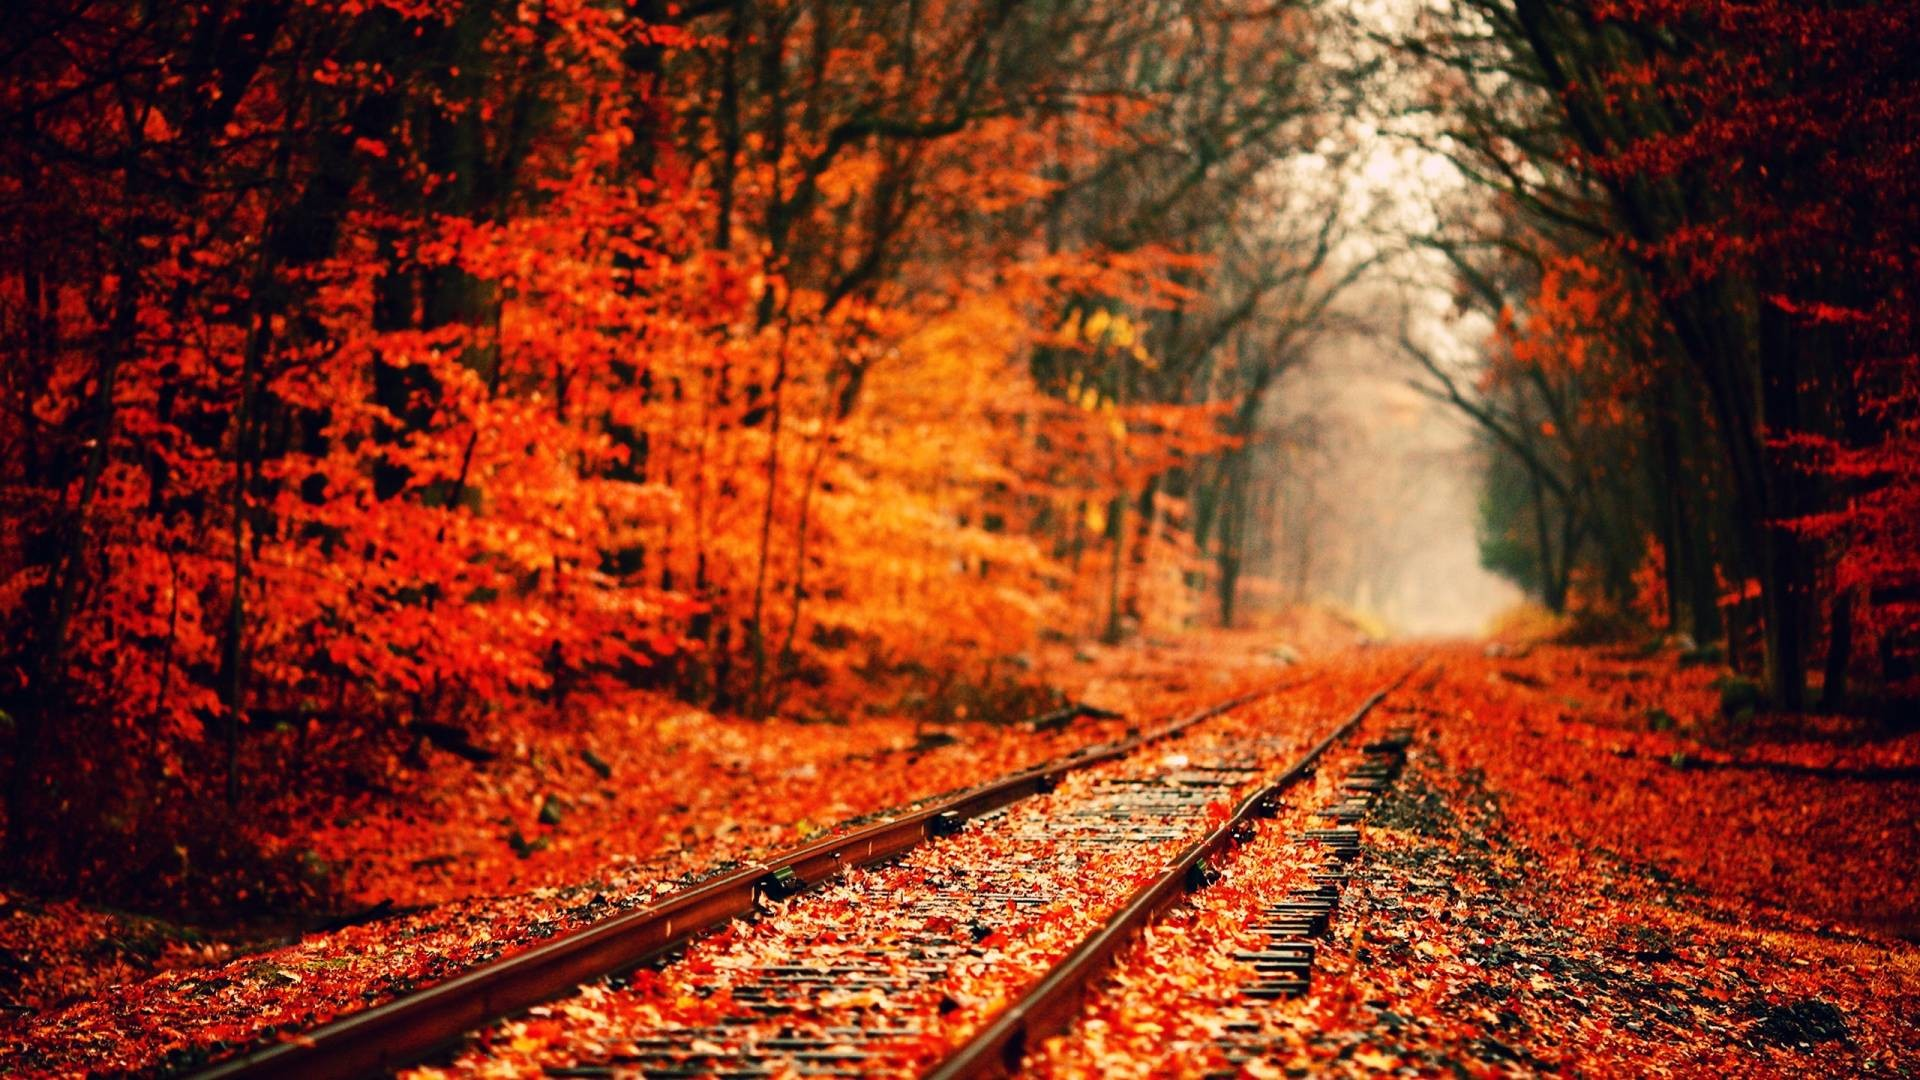 autumn wallpaper hd – 1920×1080 High Definition Wallpaper .